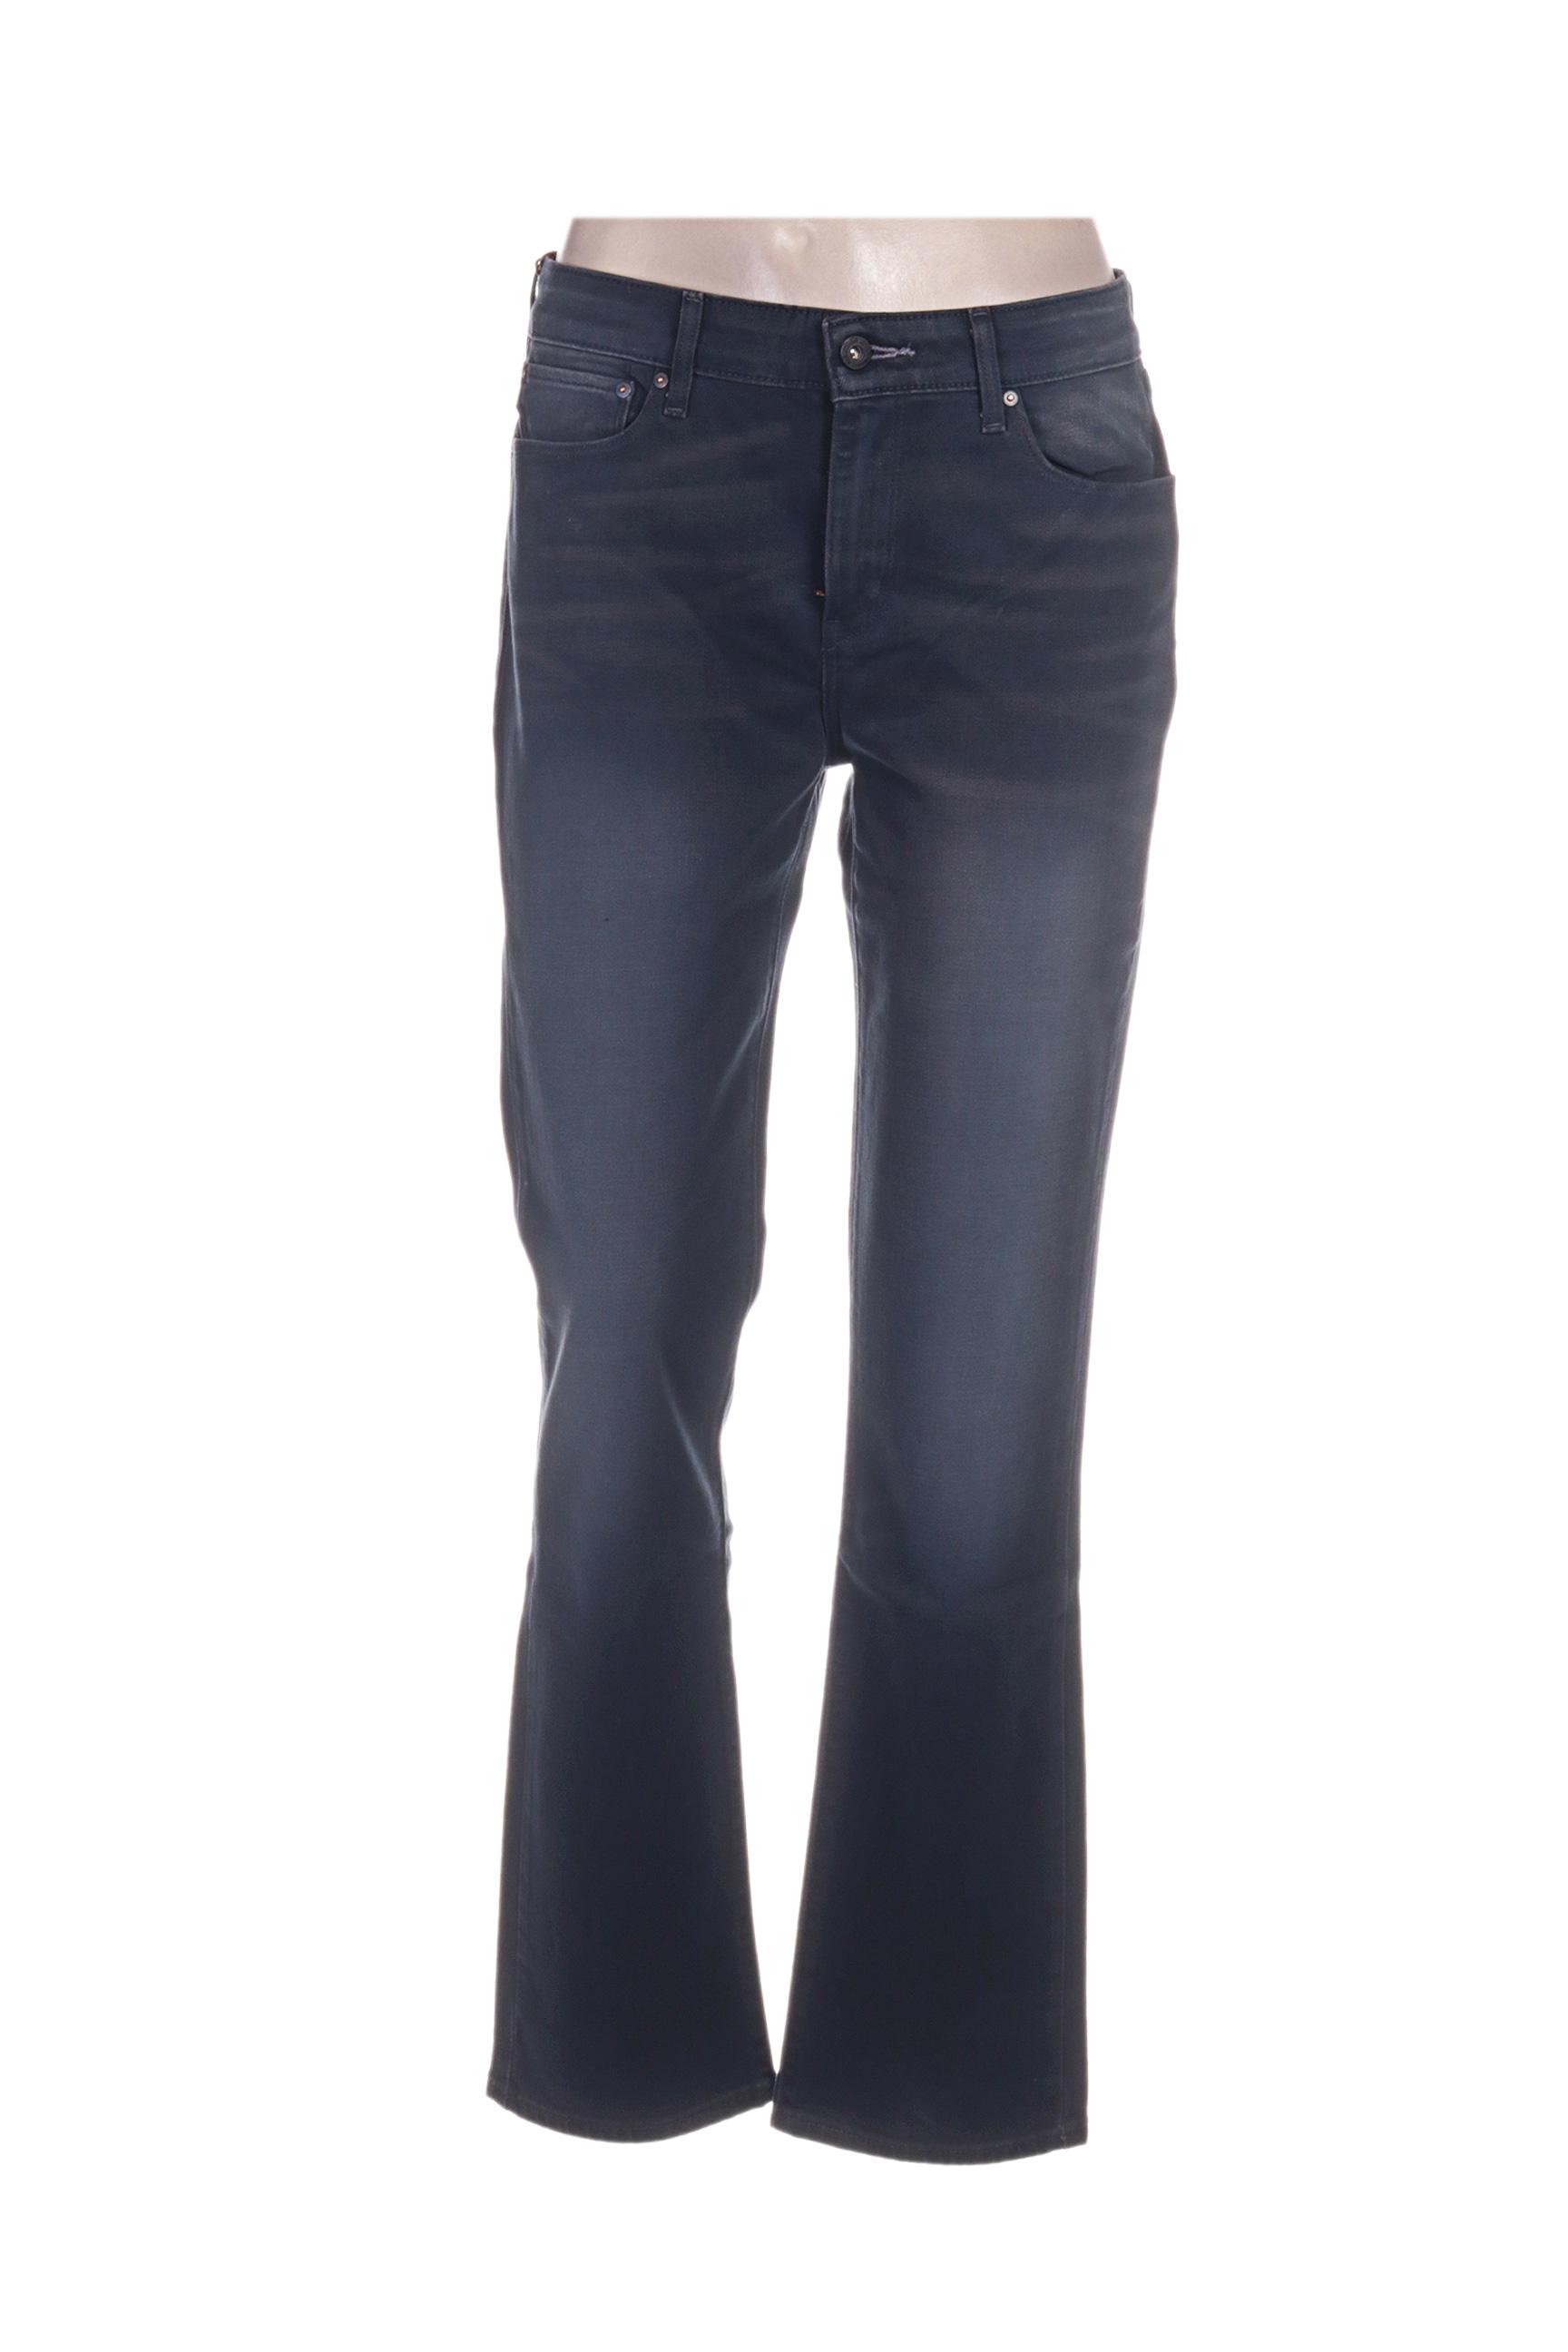 Levis Jeans Coupe Droite Femme De Couleur Bleu En Soldes Pas Cher 1236833-bleu00 - Modz